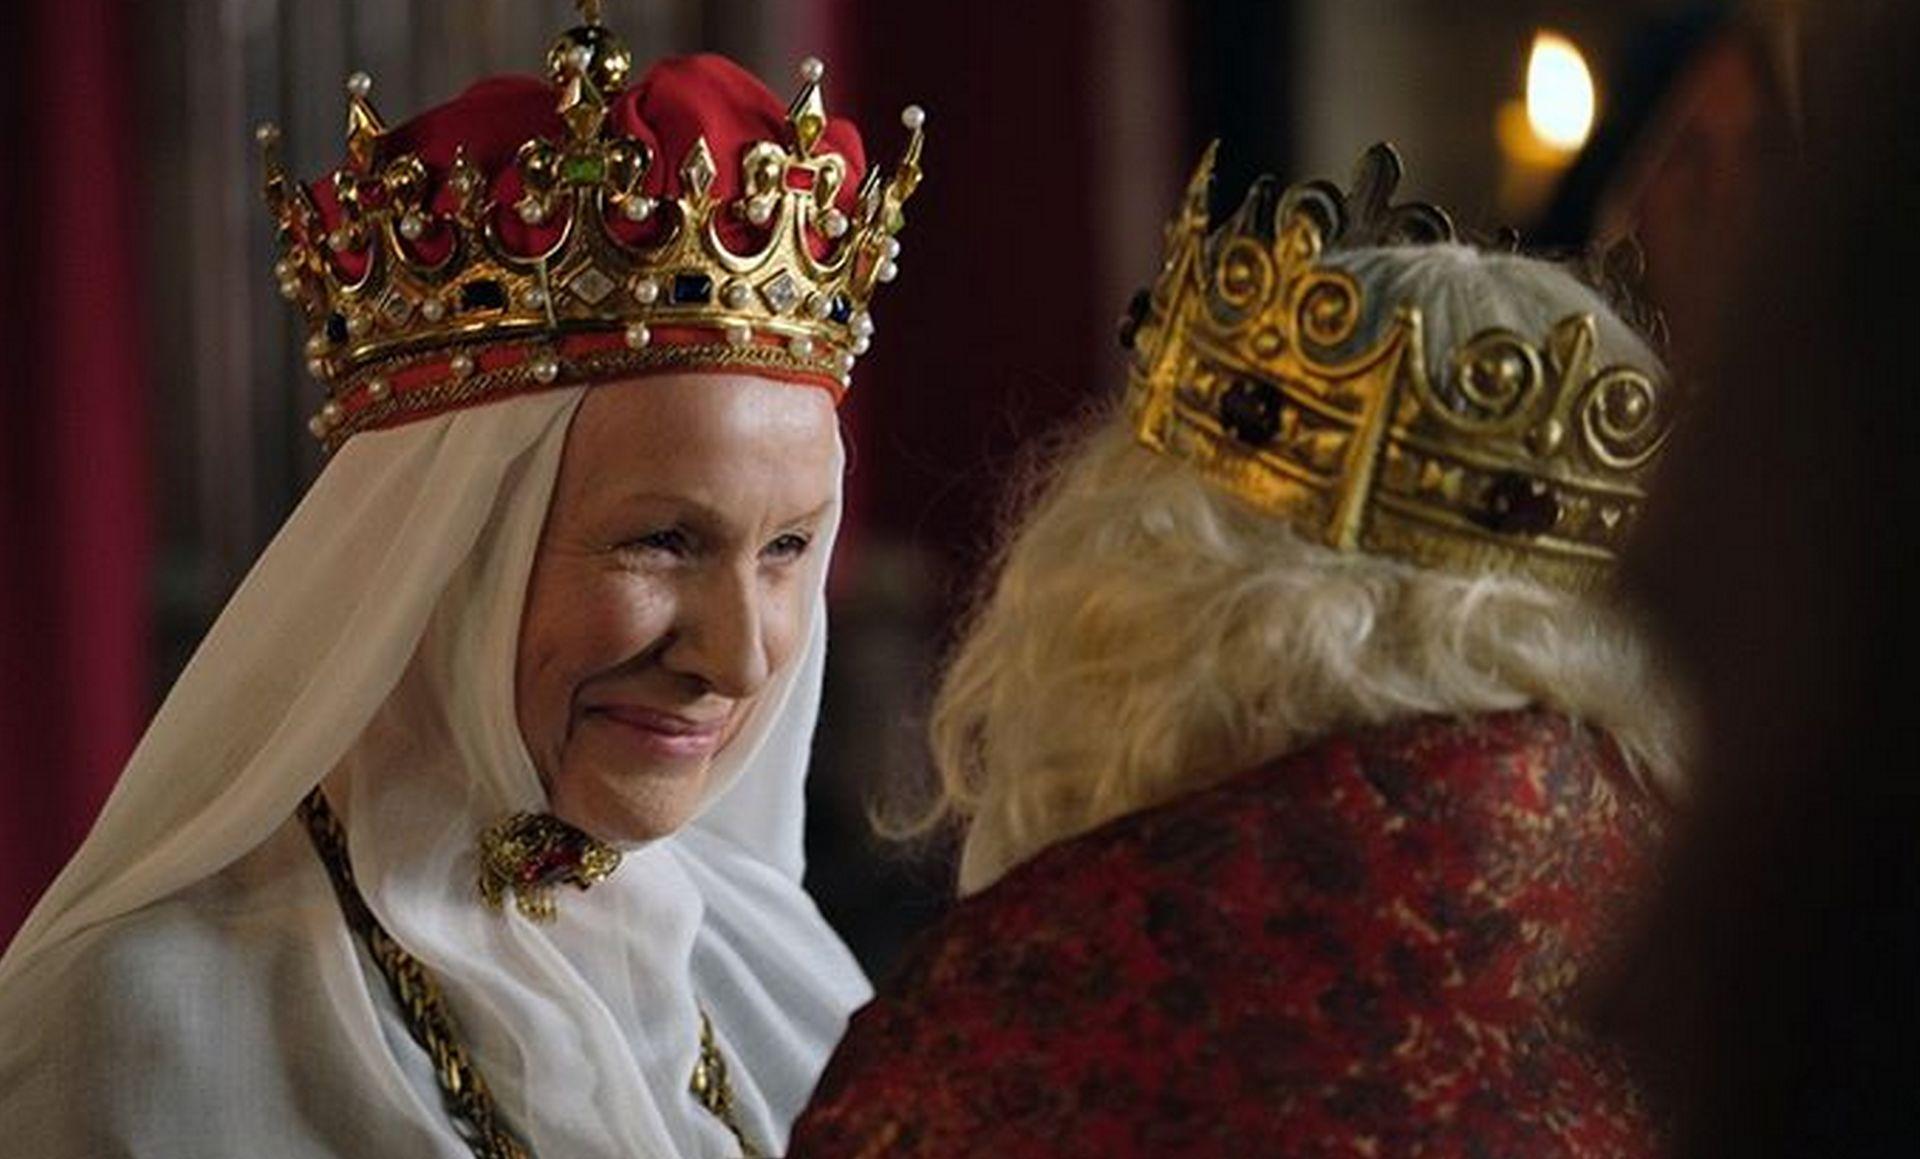 Korona Królów Instagram